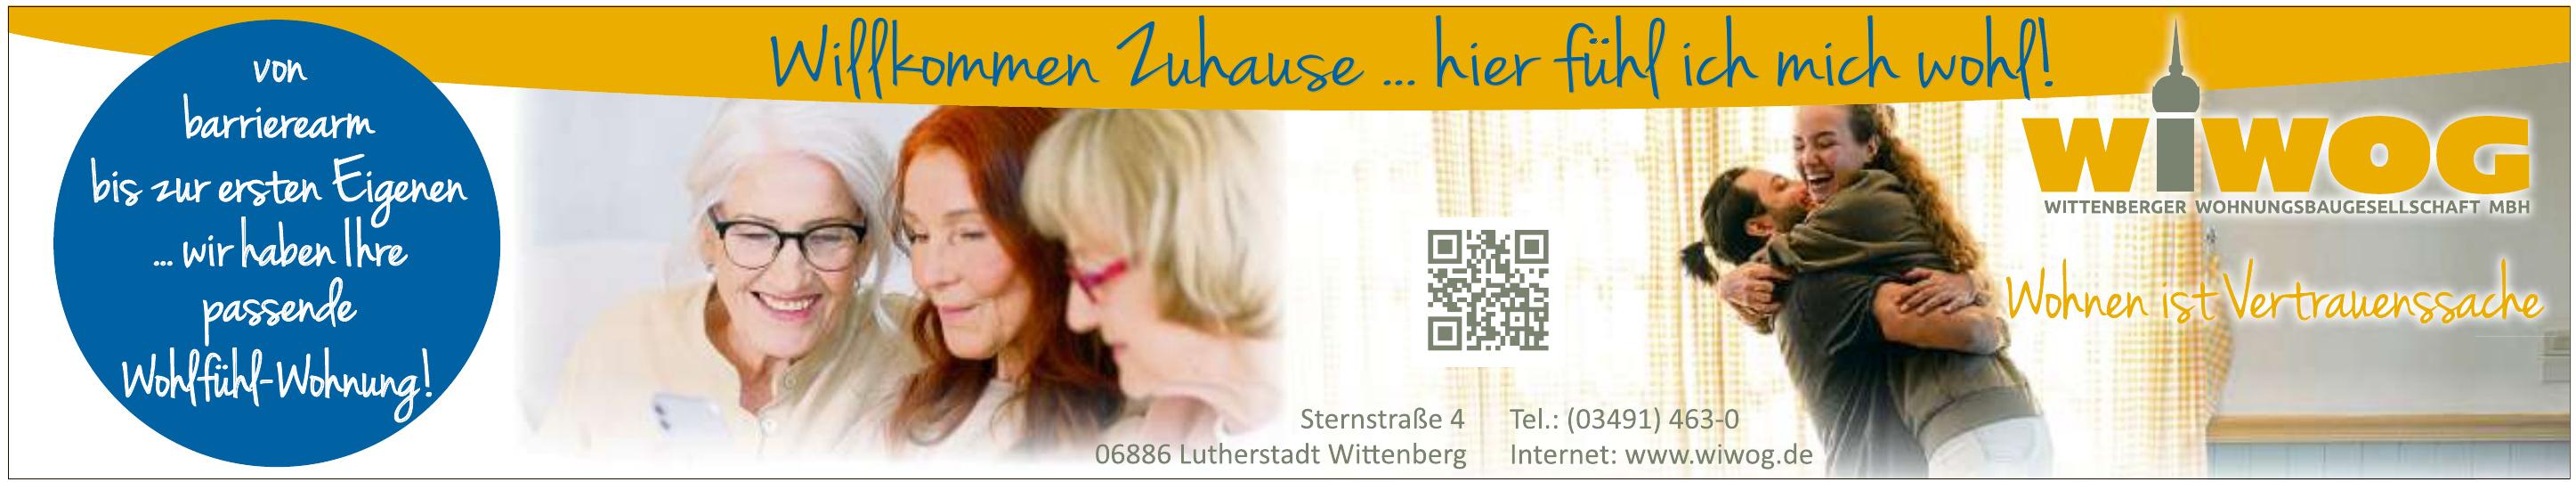 WIWOG Wittenberger Wohnungsbaugesellschaft mbH